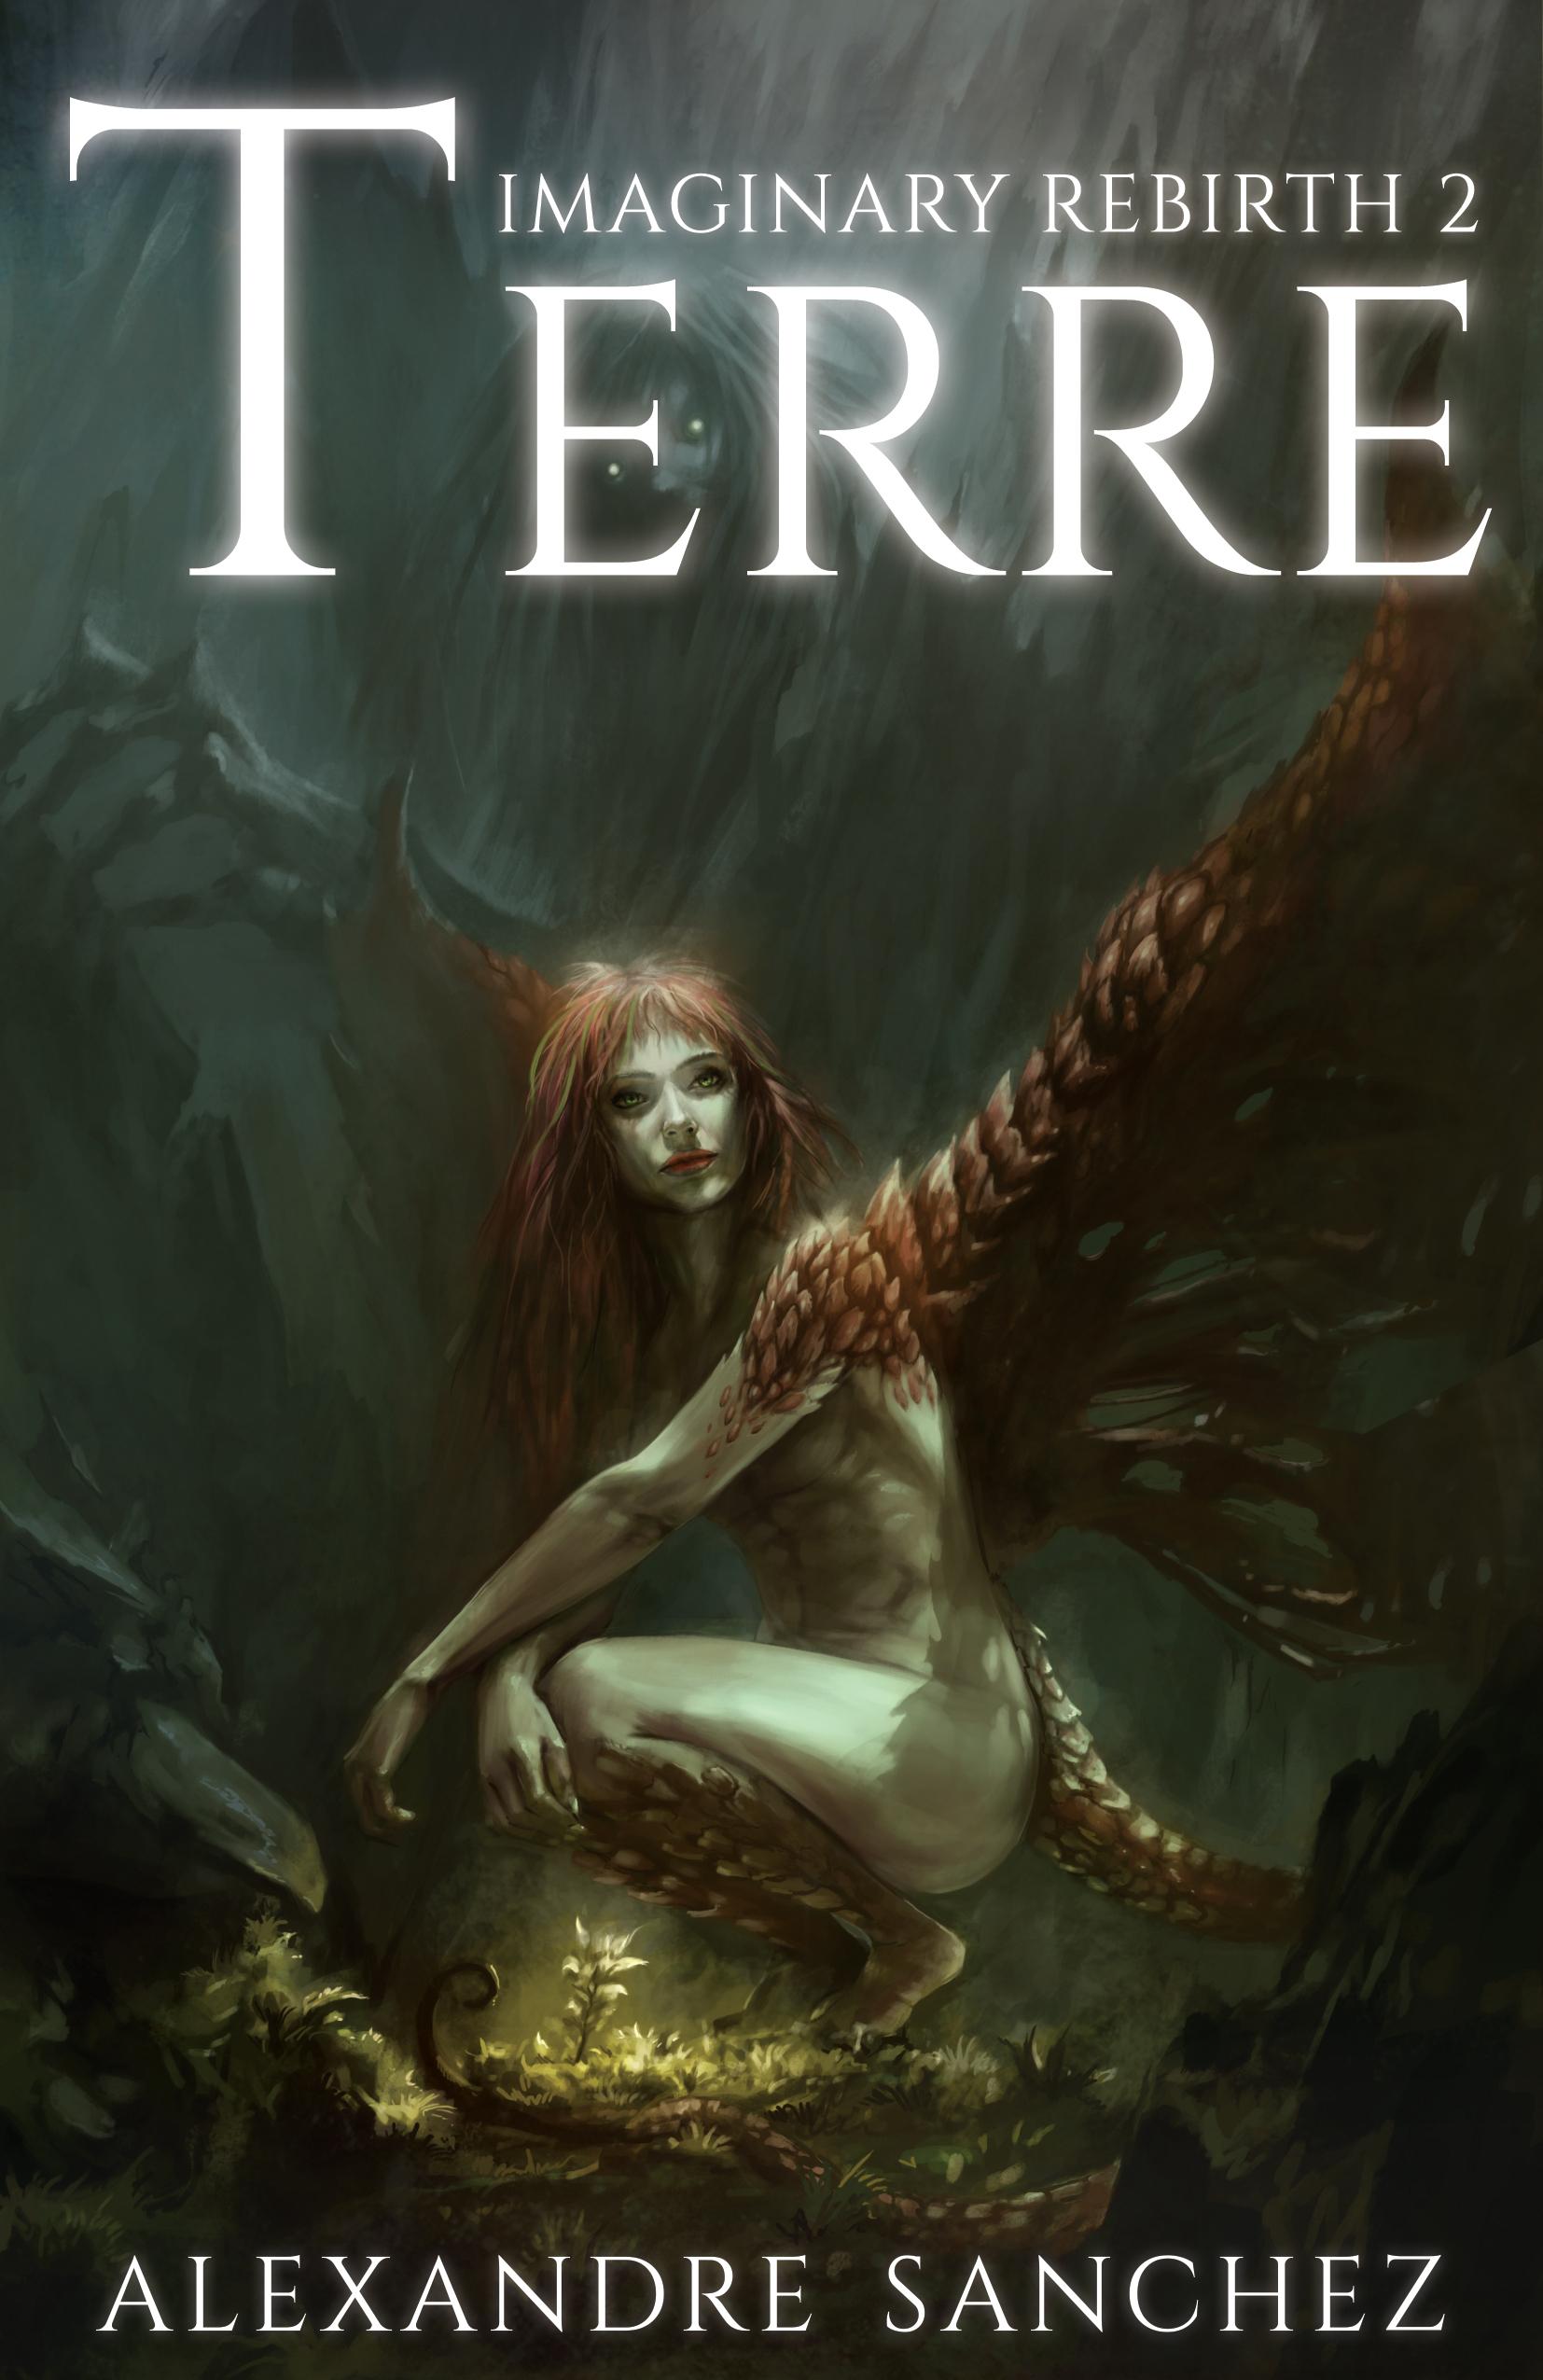 Imaginary Rebirth - 2, Terre